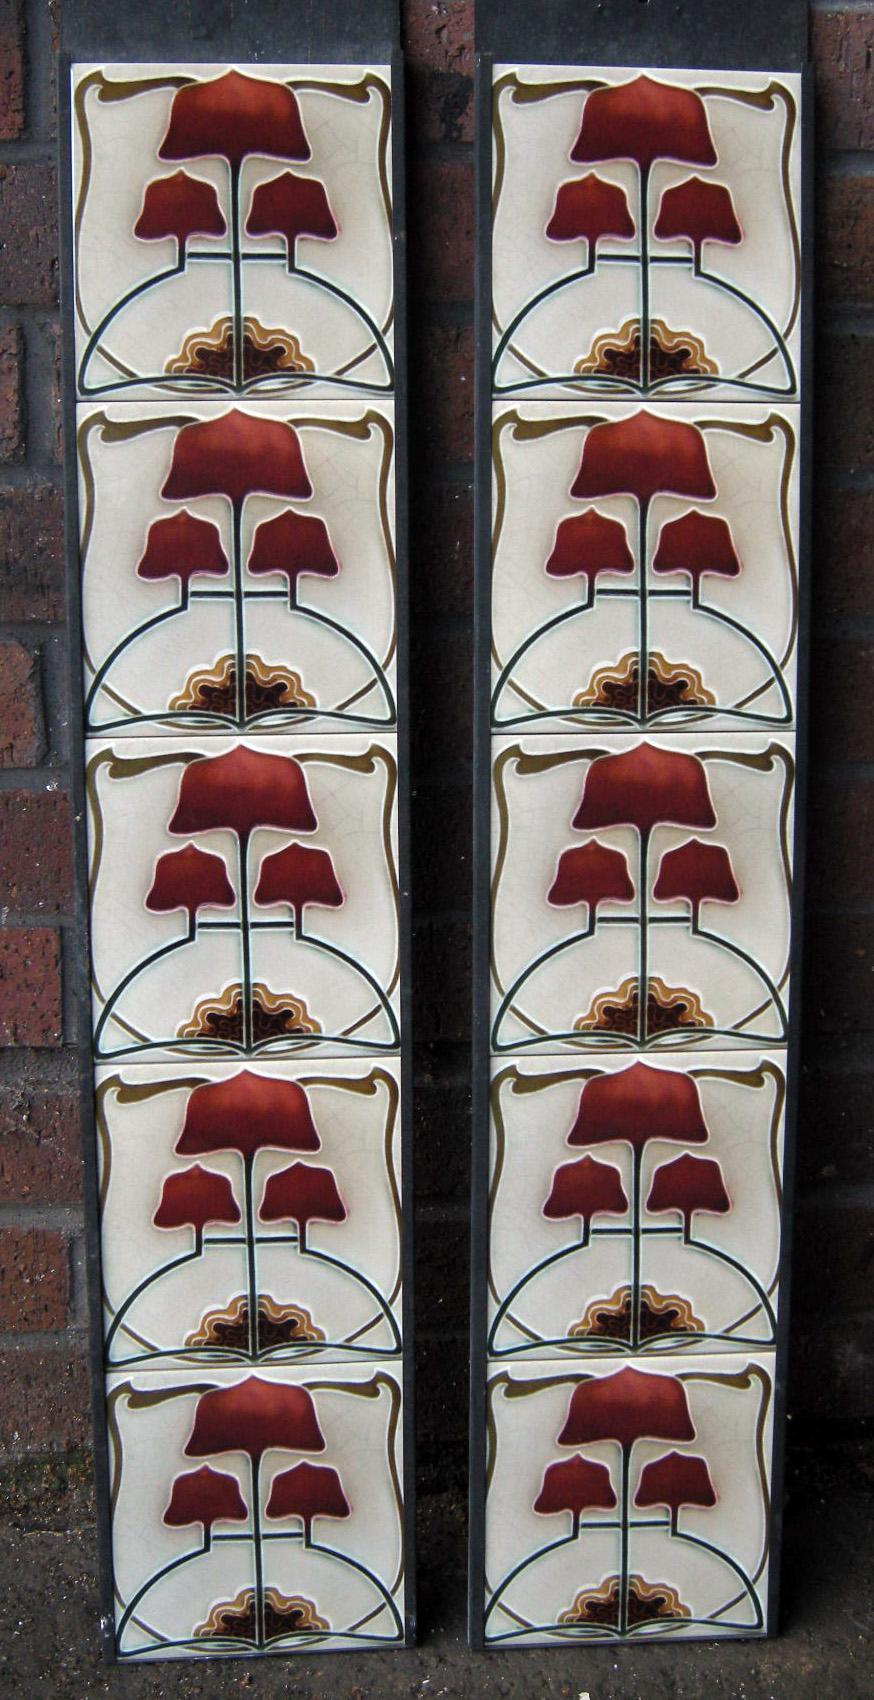 Art Nouveau / Arts & Crafts Fireplace Tiles ref 023set